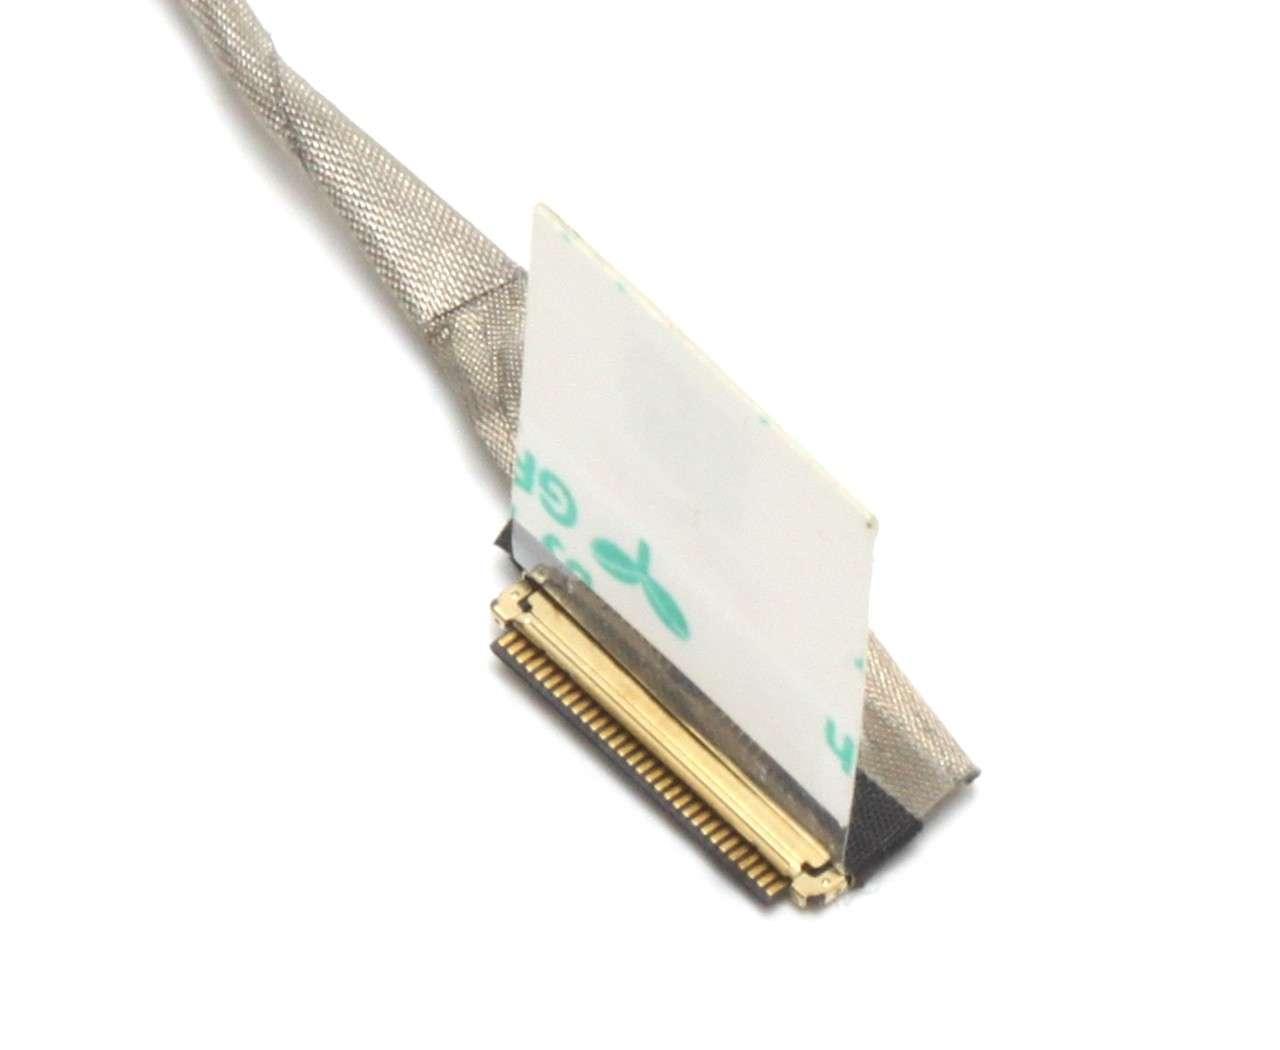 Cablu video LVDS Acer Aspire K50 10 30 pini FULL HD 1920x1080 fara touchscreen imagine powerlaptop.ro 2021